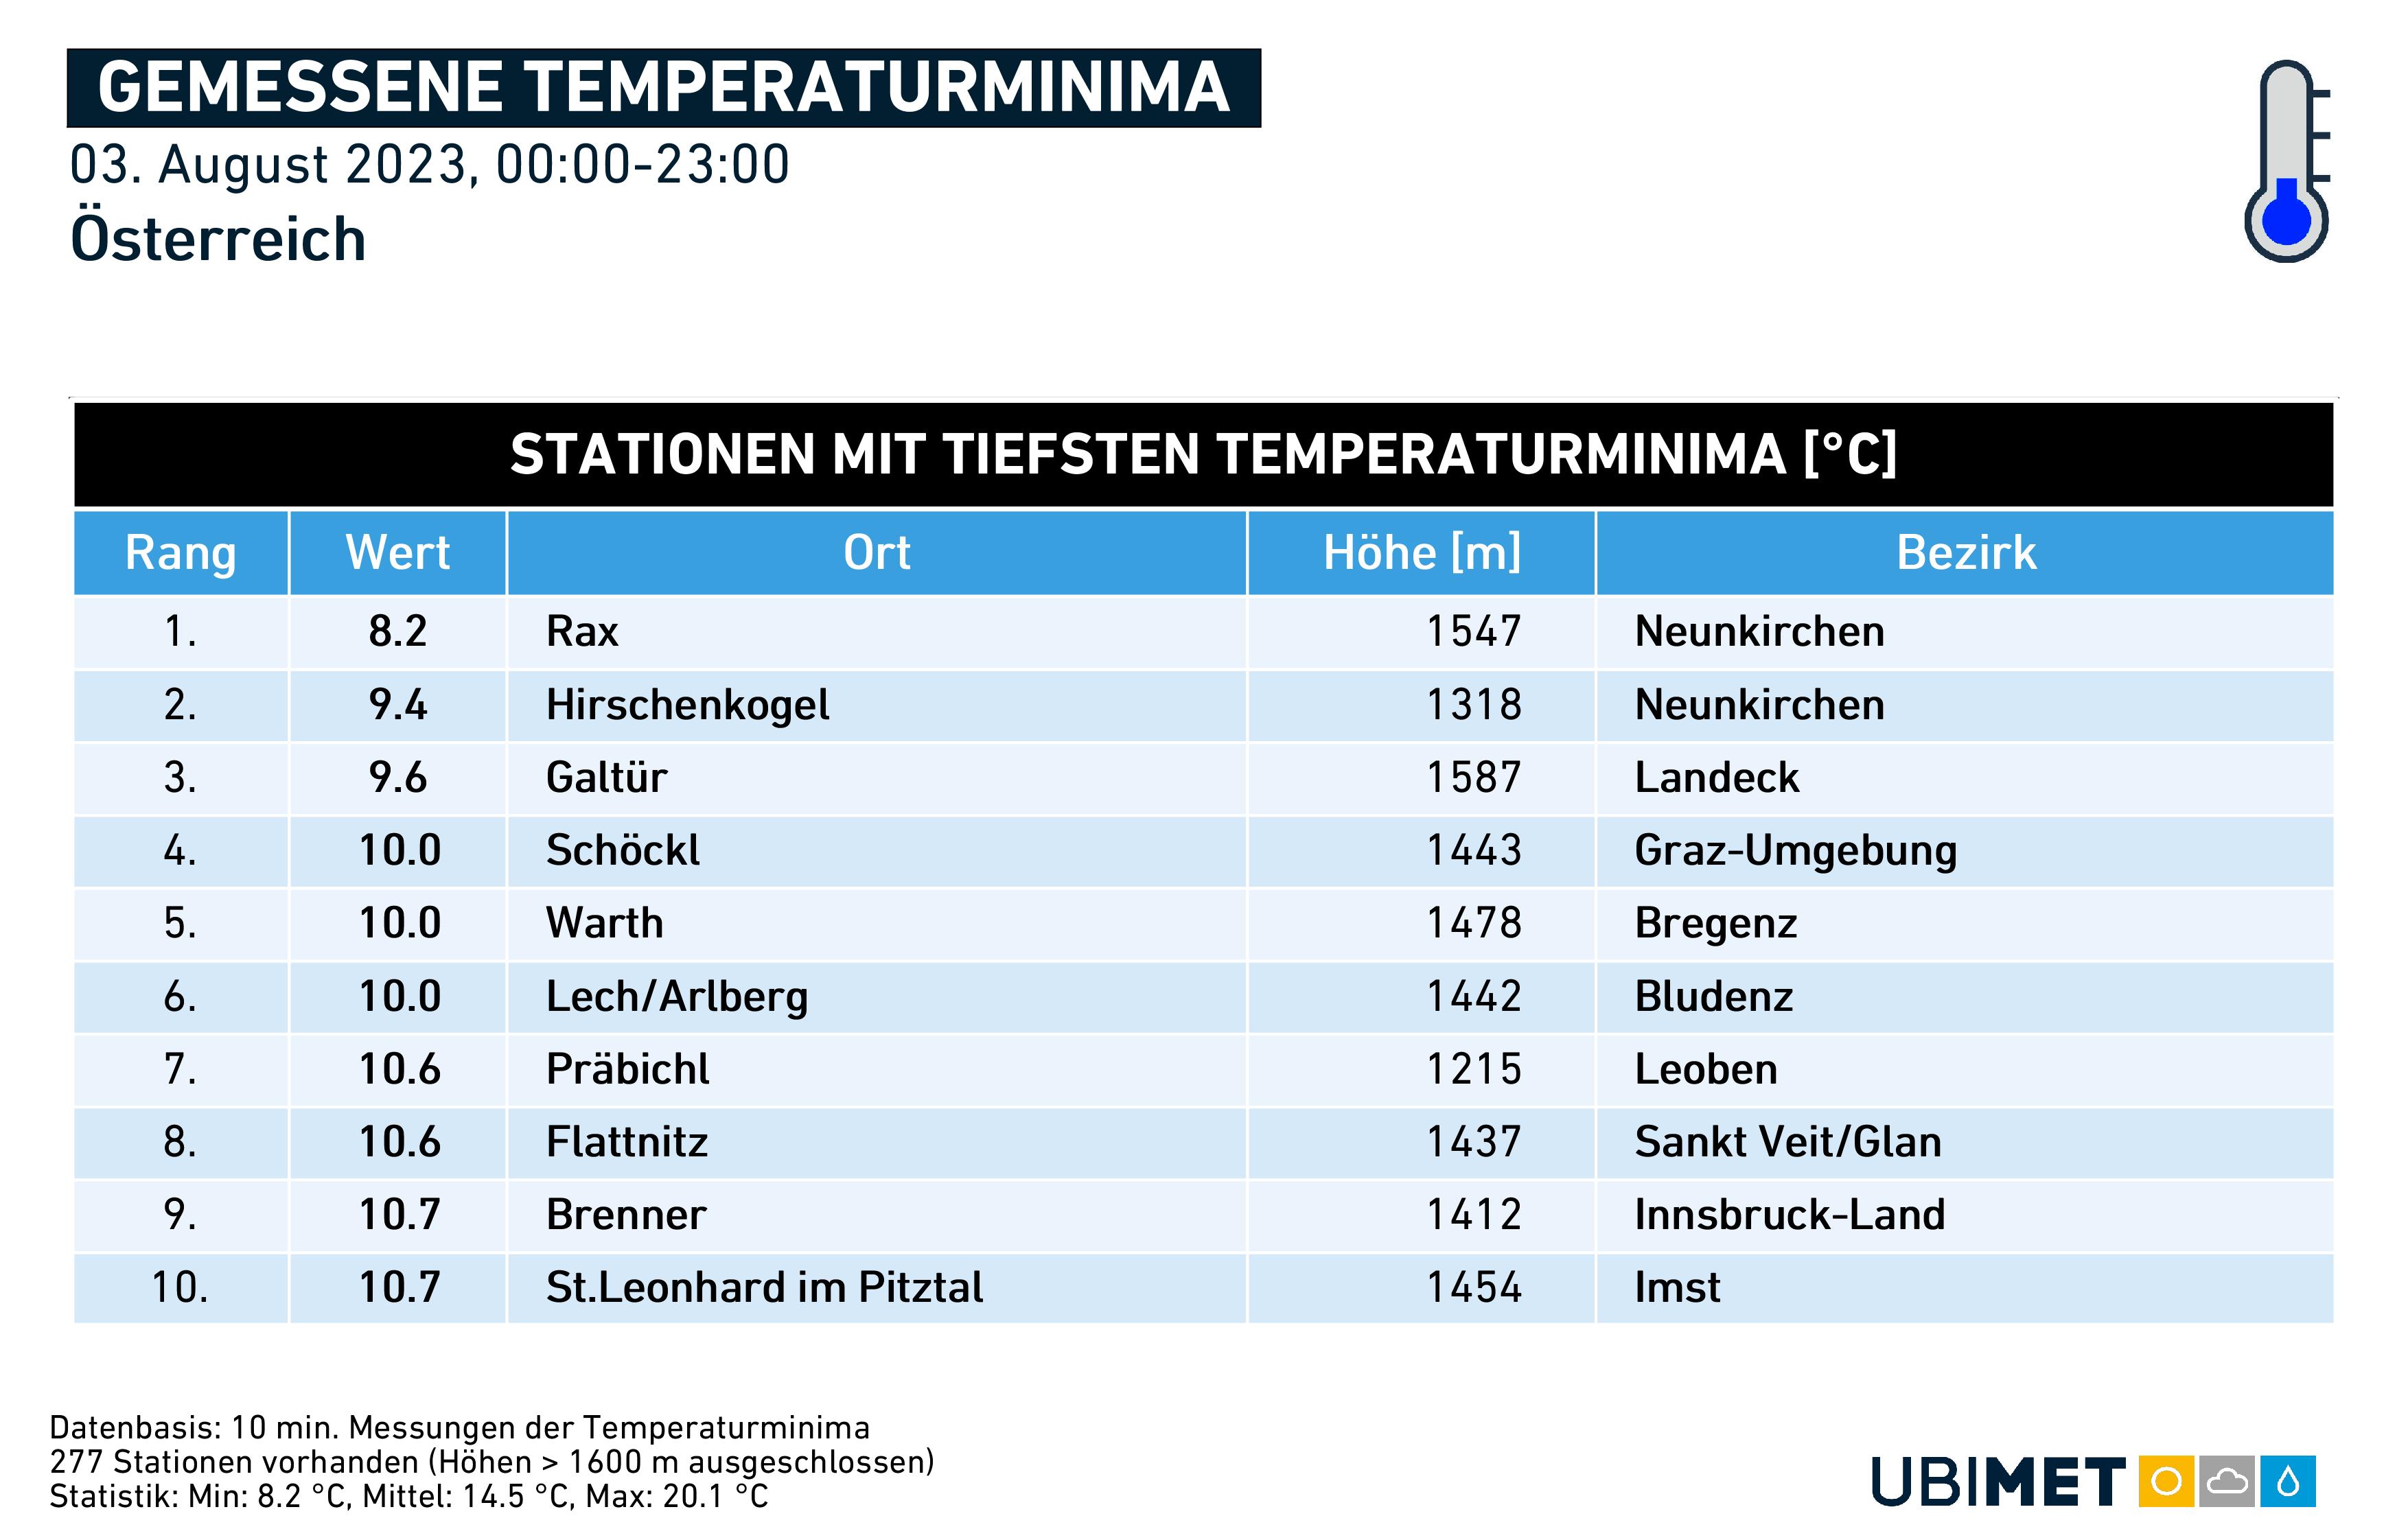 Gemessene Temperaturminima